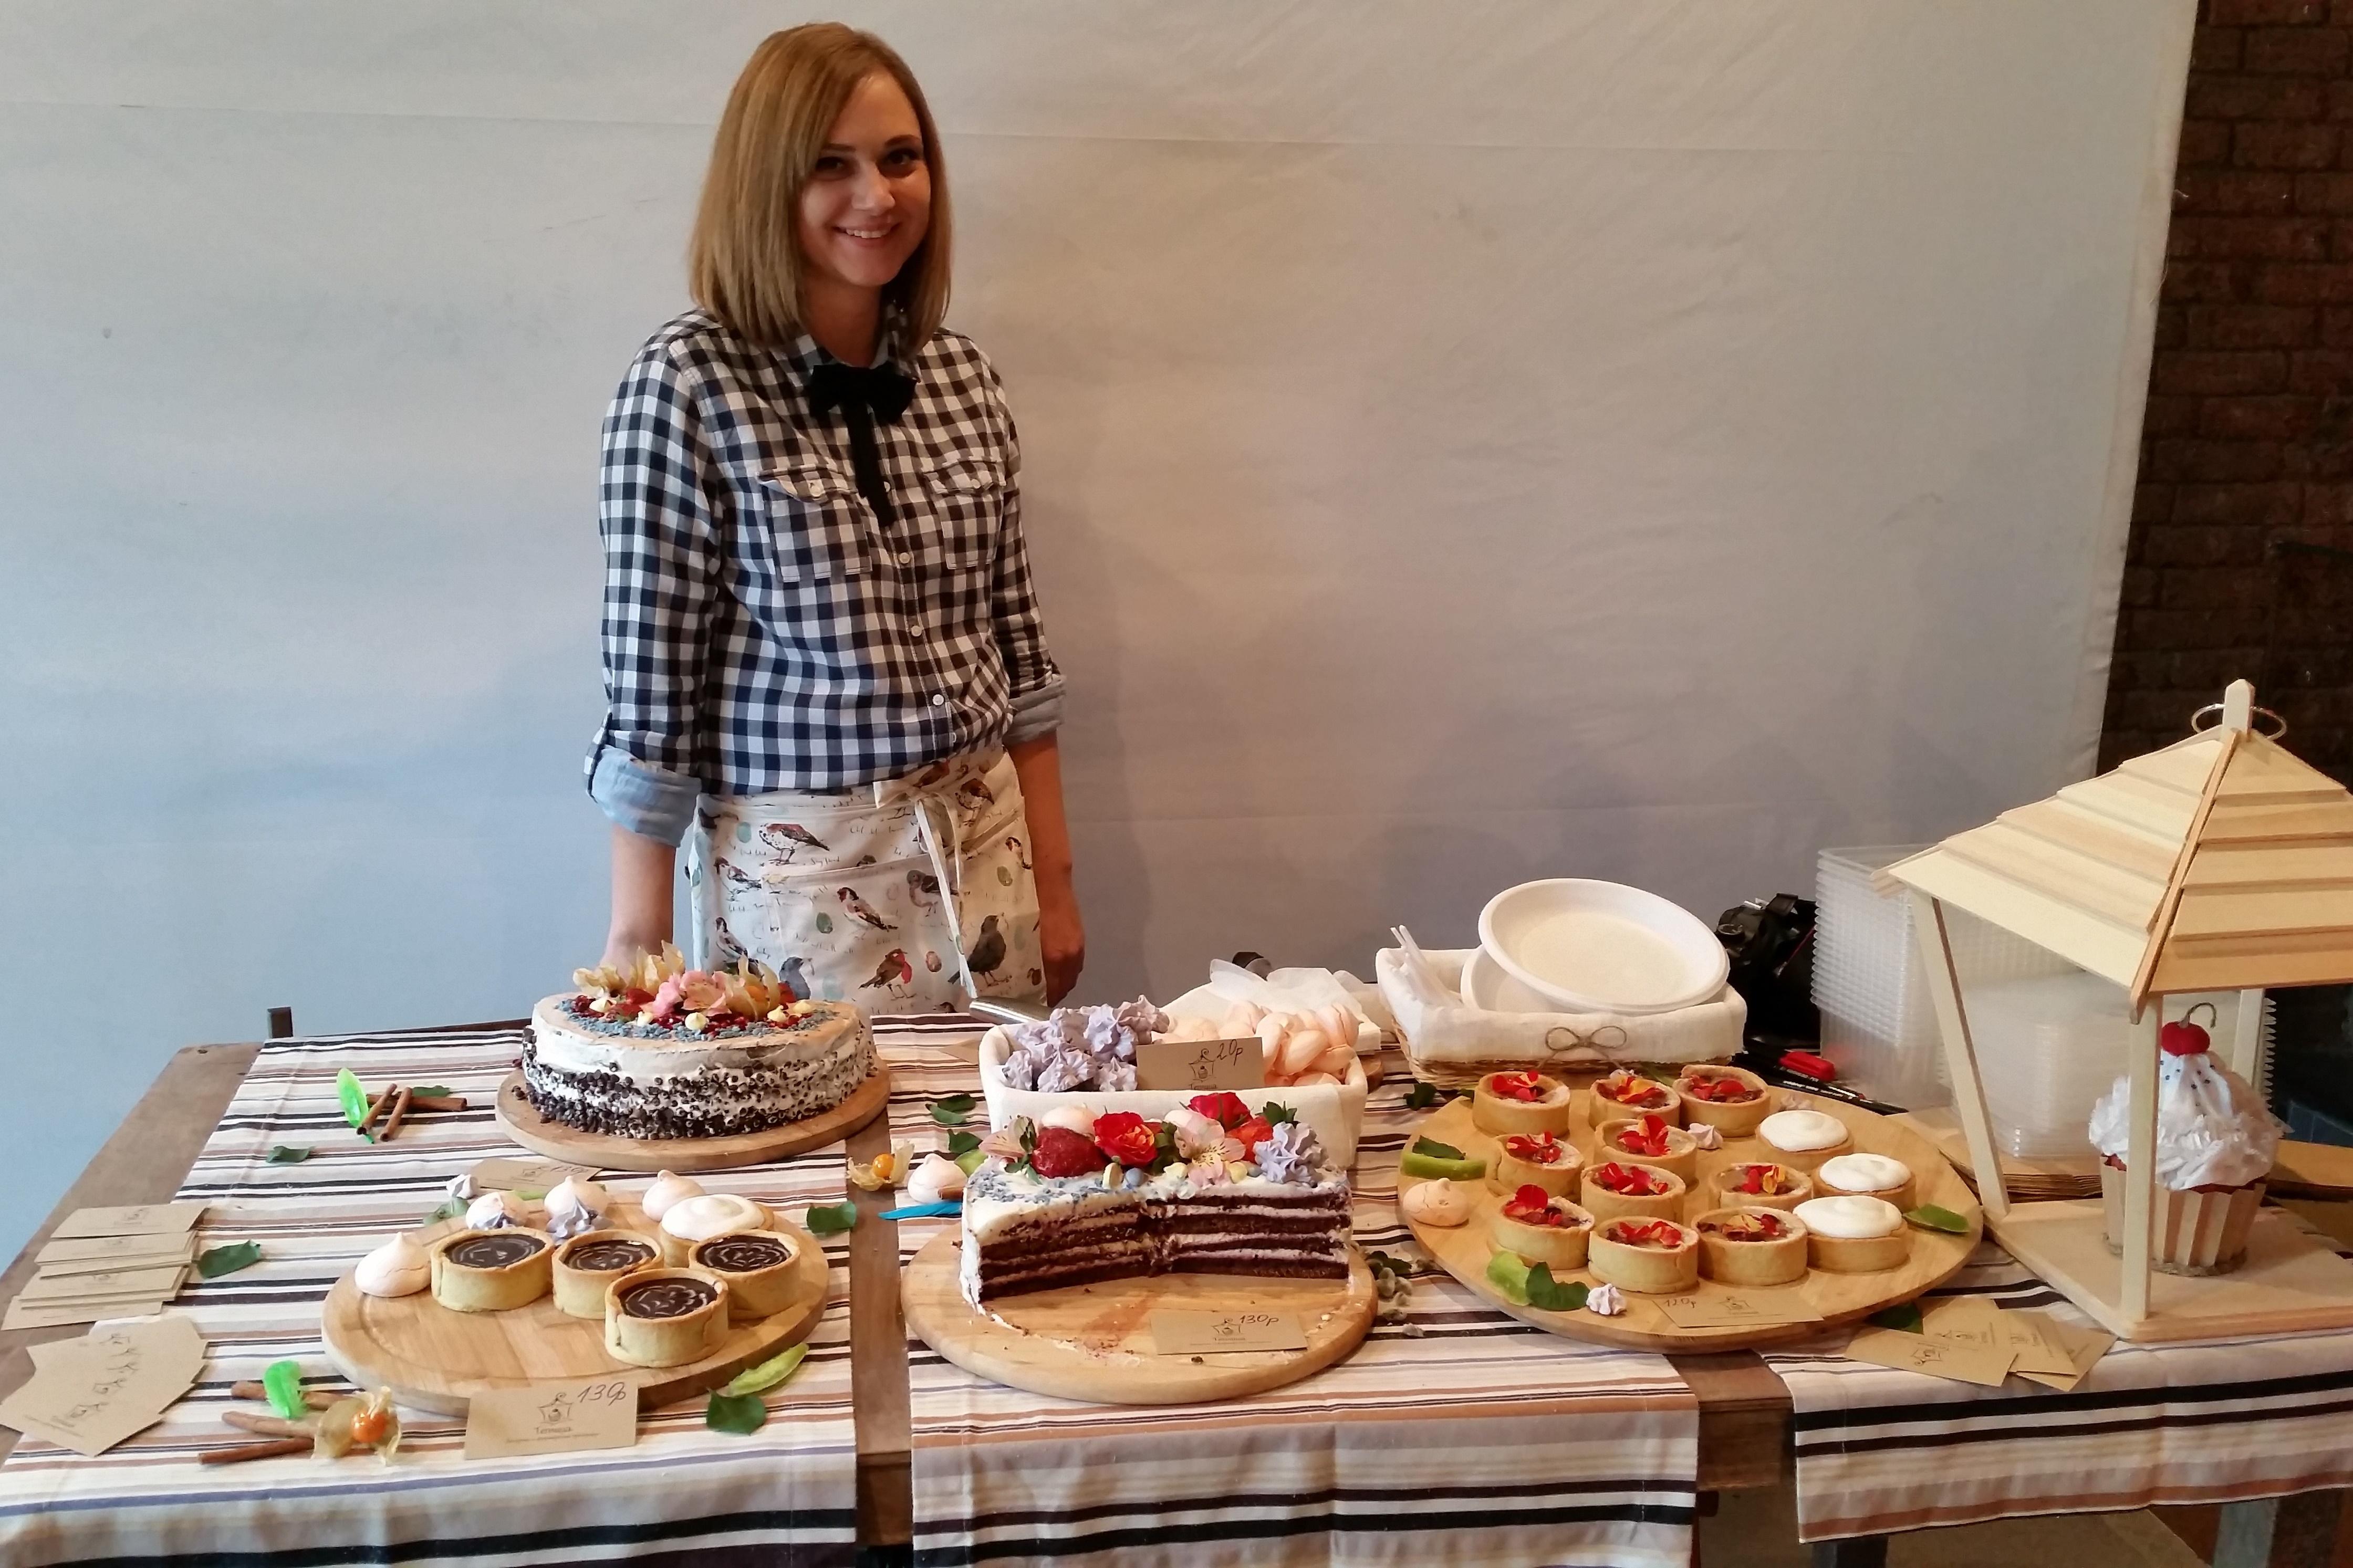 Принцесса Пупырка и антикризисные вкусняшки: в галерее «Свитер» прошла ярмарка Green Market